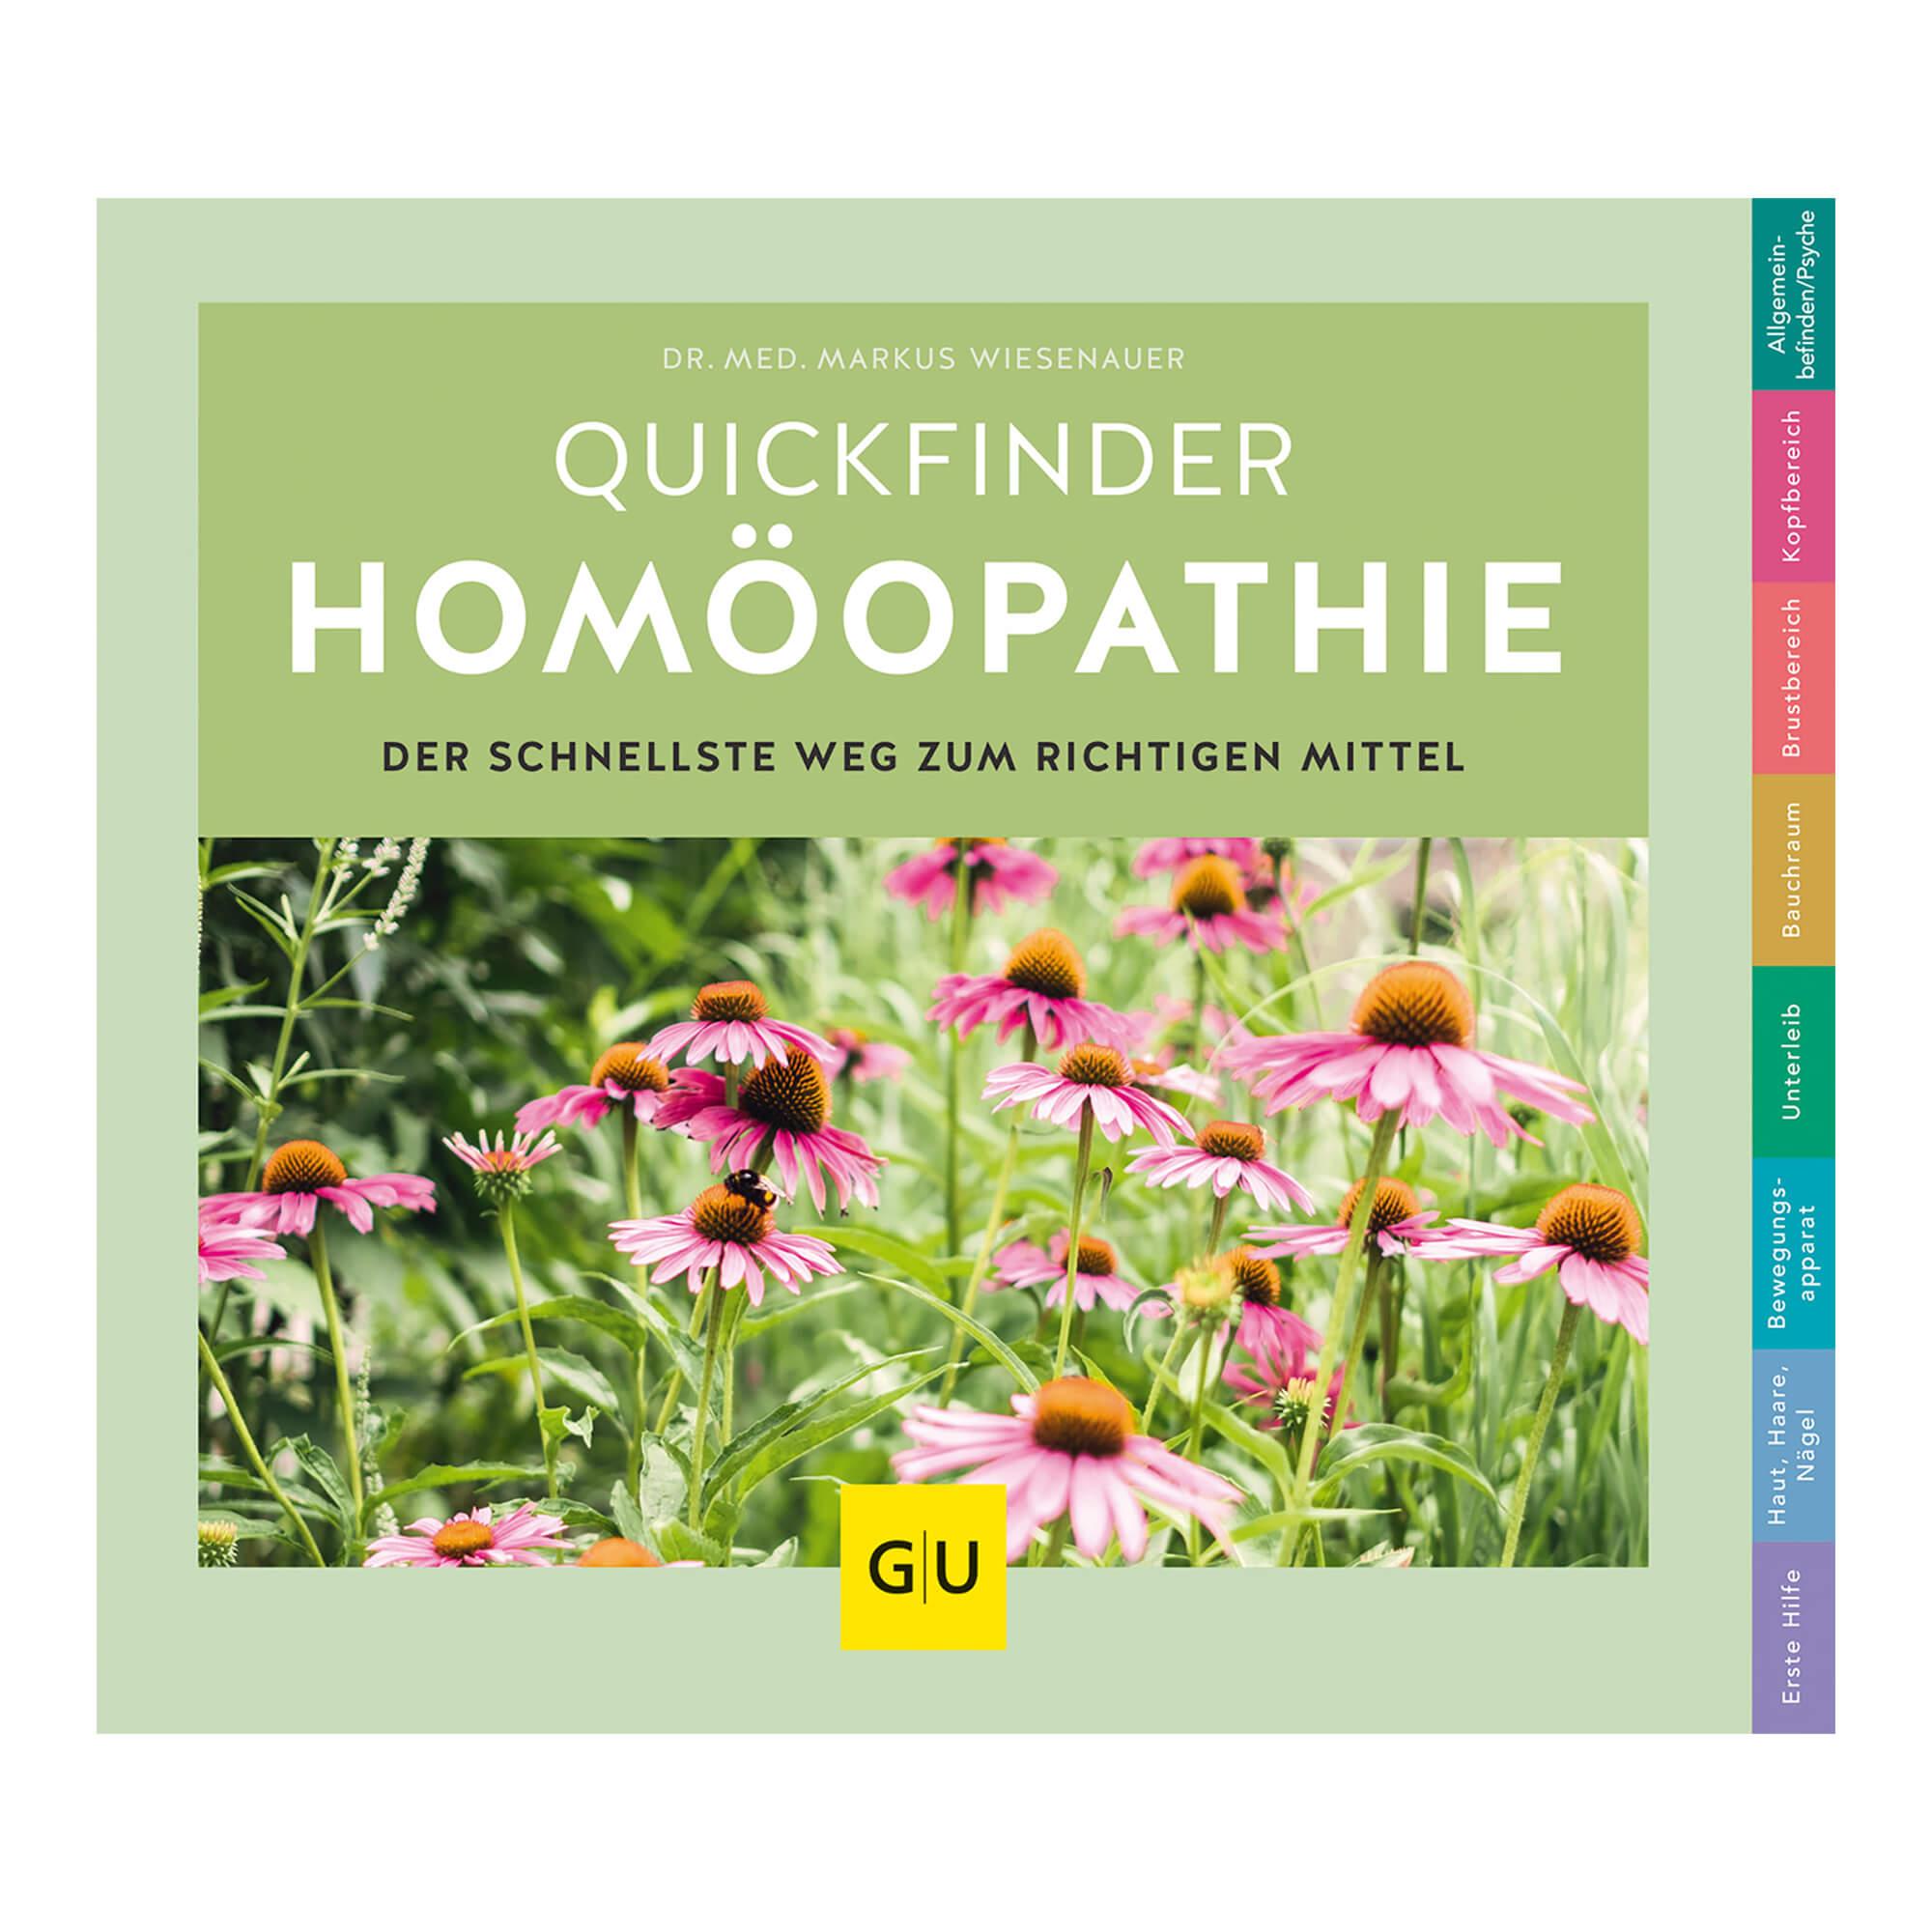 GU Quickfinder Homöopathie